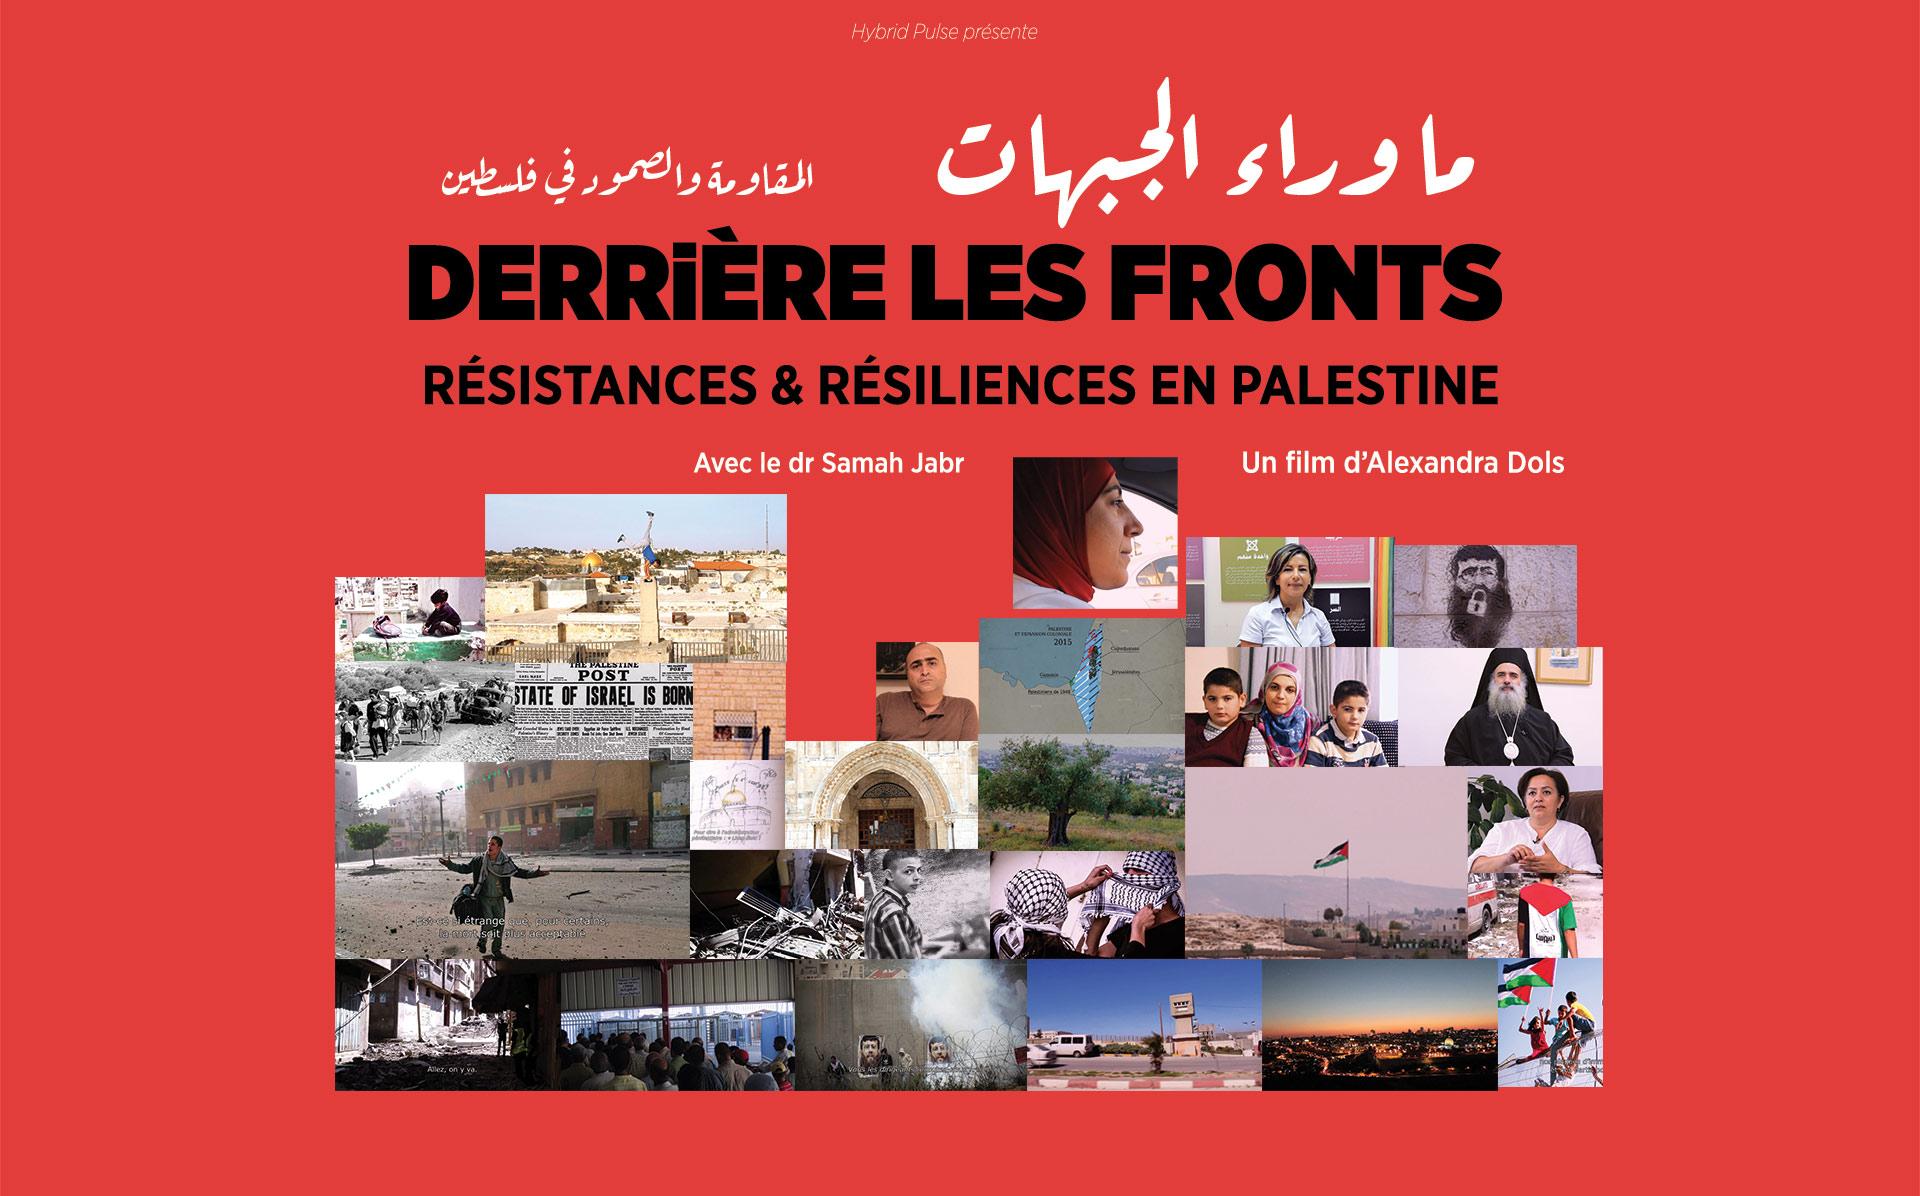 Derri re les fronts projection metz le 3 novembre 2017 for Le derriere metz